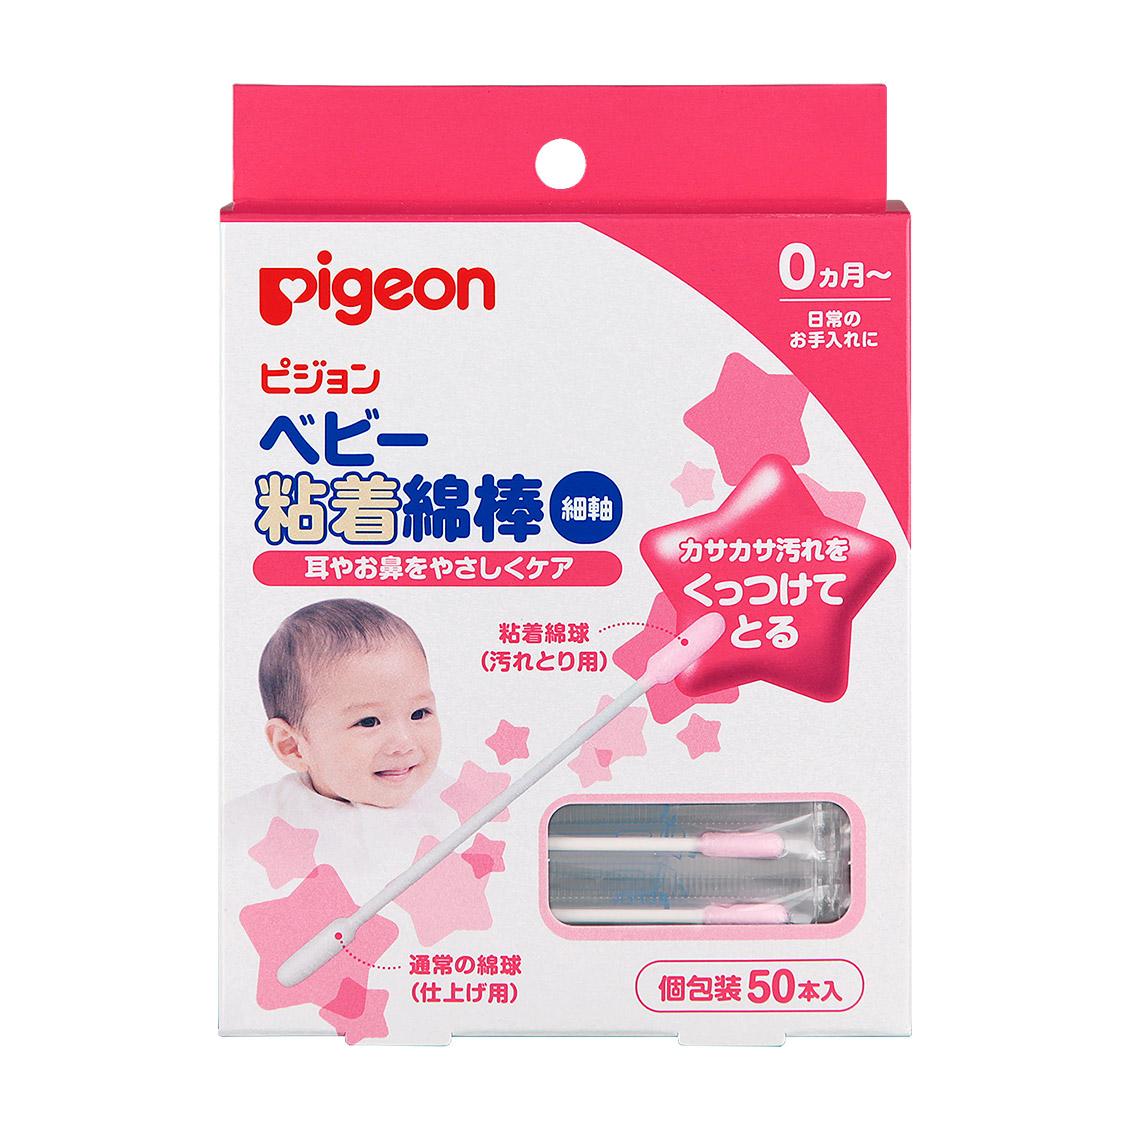 Палочки ватные Pigeon с липкой поверхностью 50 шт недорого